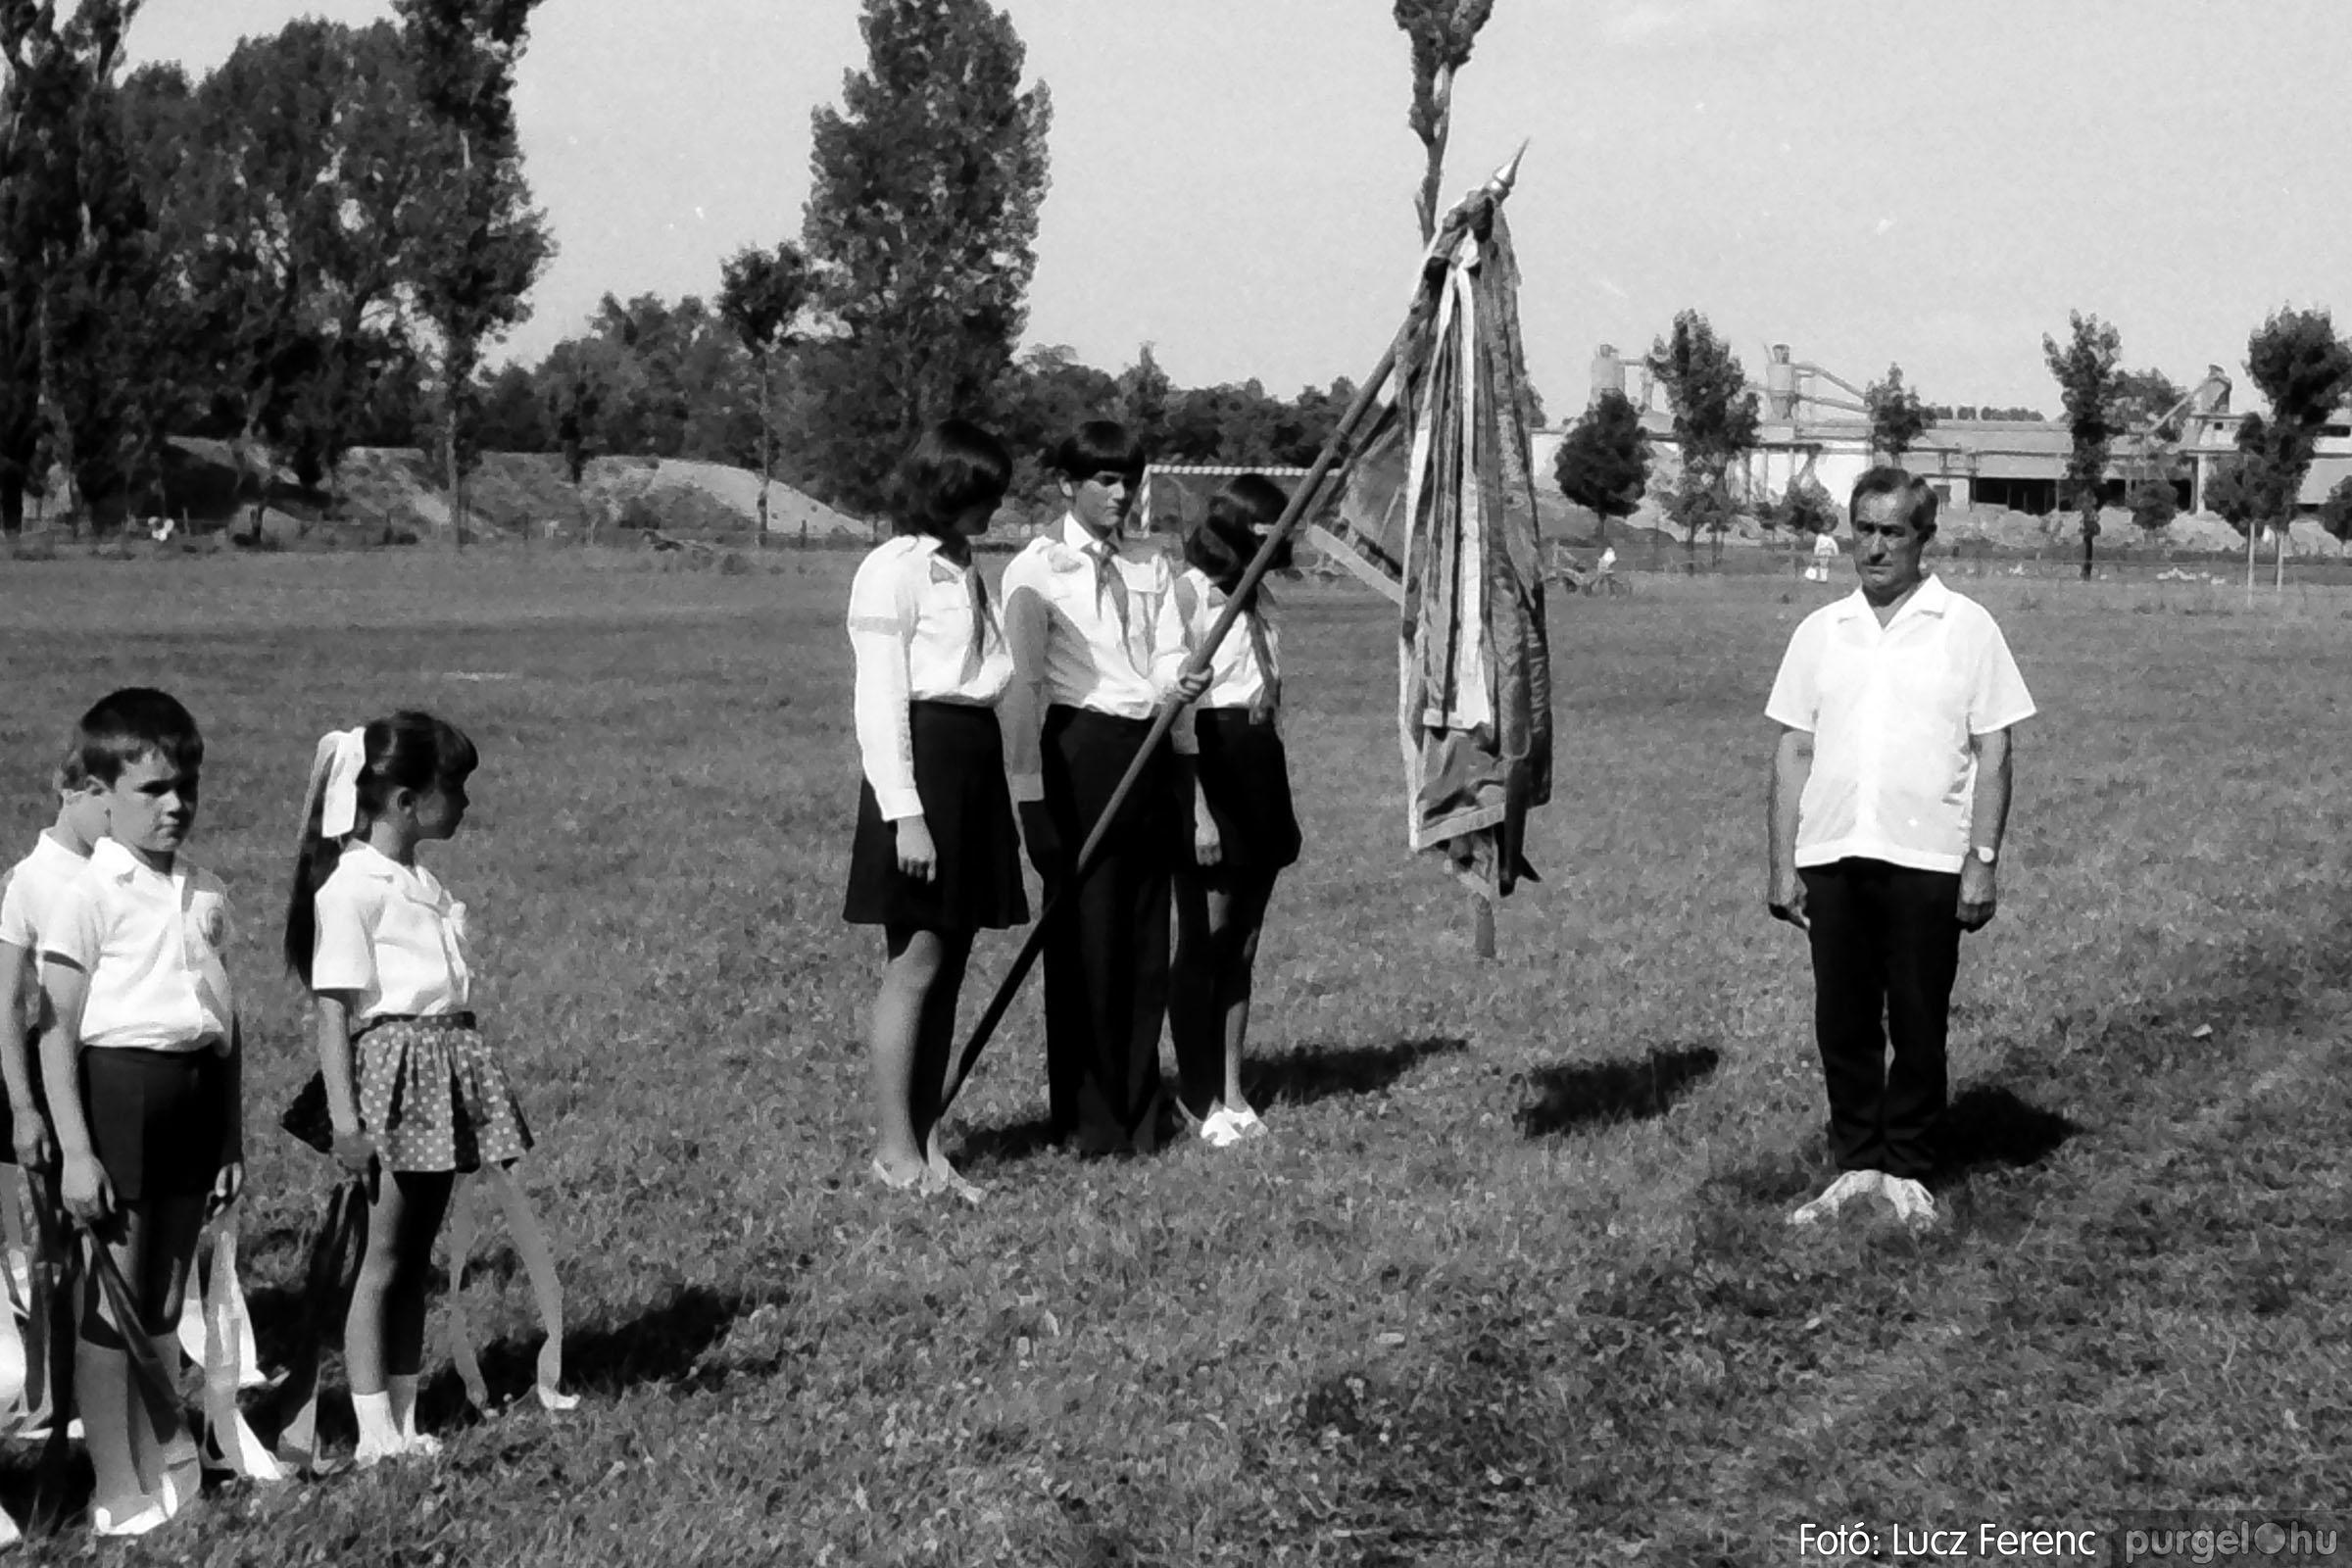 017 1975.04. Május elsejei tornabemutató főpróbája a sportpályán 008 - Fotó: Lucz Ferenc IMG00009q.jpg